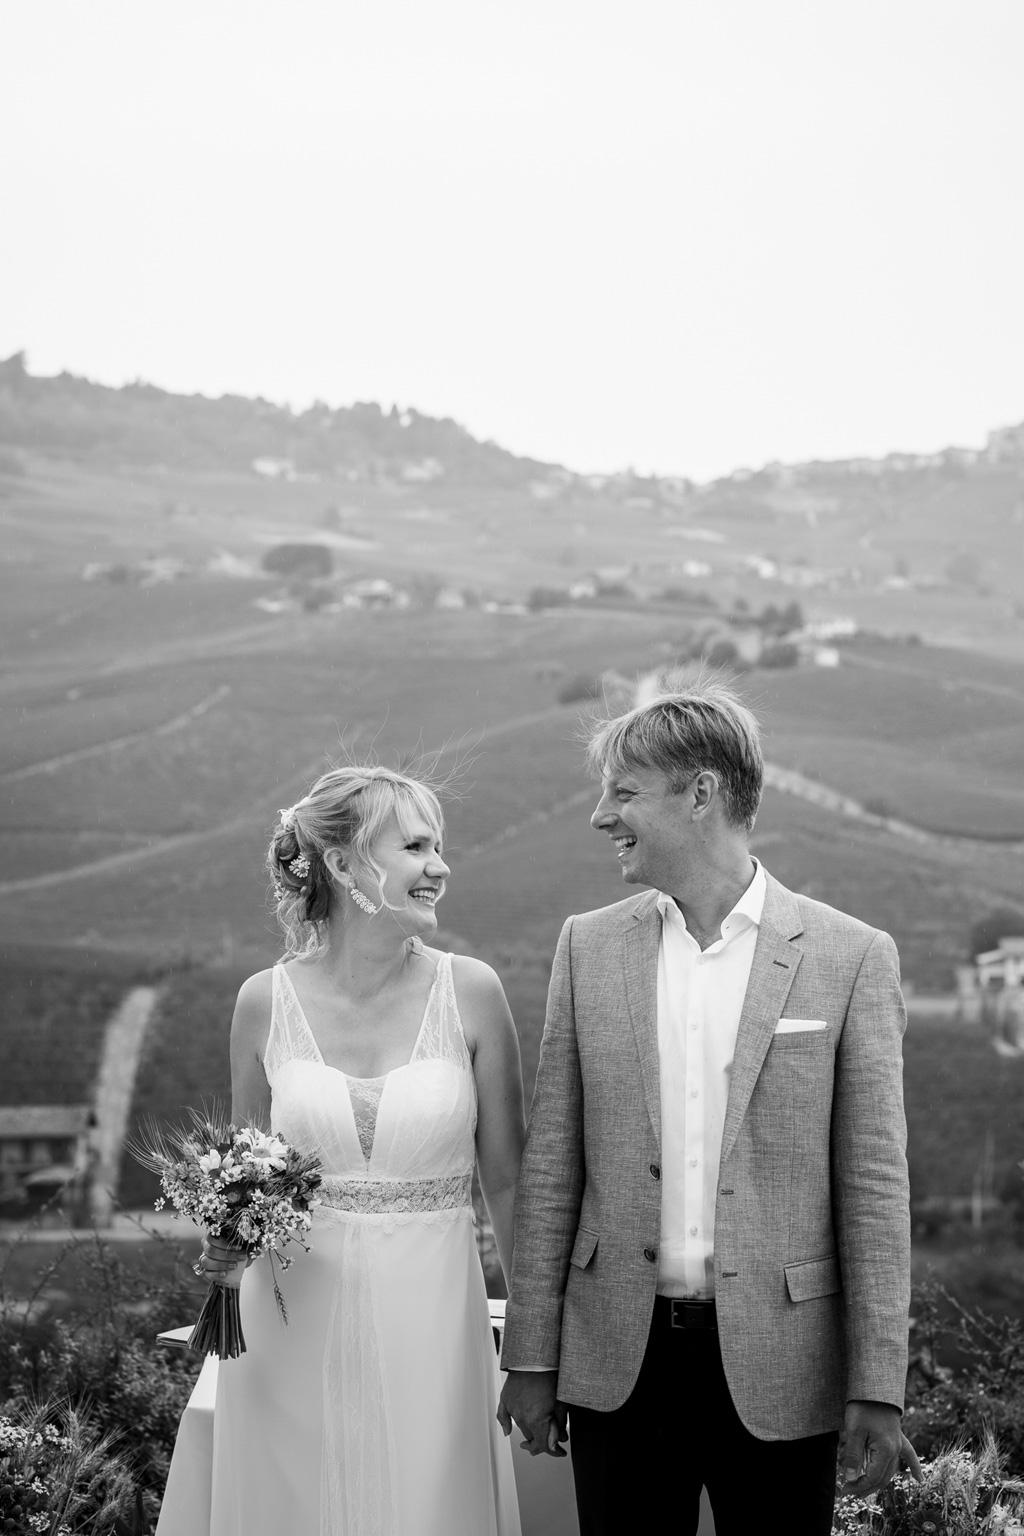 La sposa è in compagnia dello sposo sullo sfondo affascinante paesaggio campestre